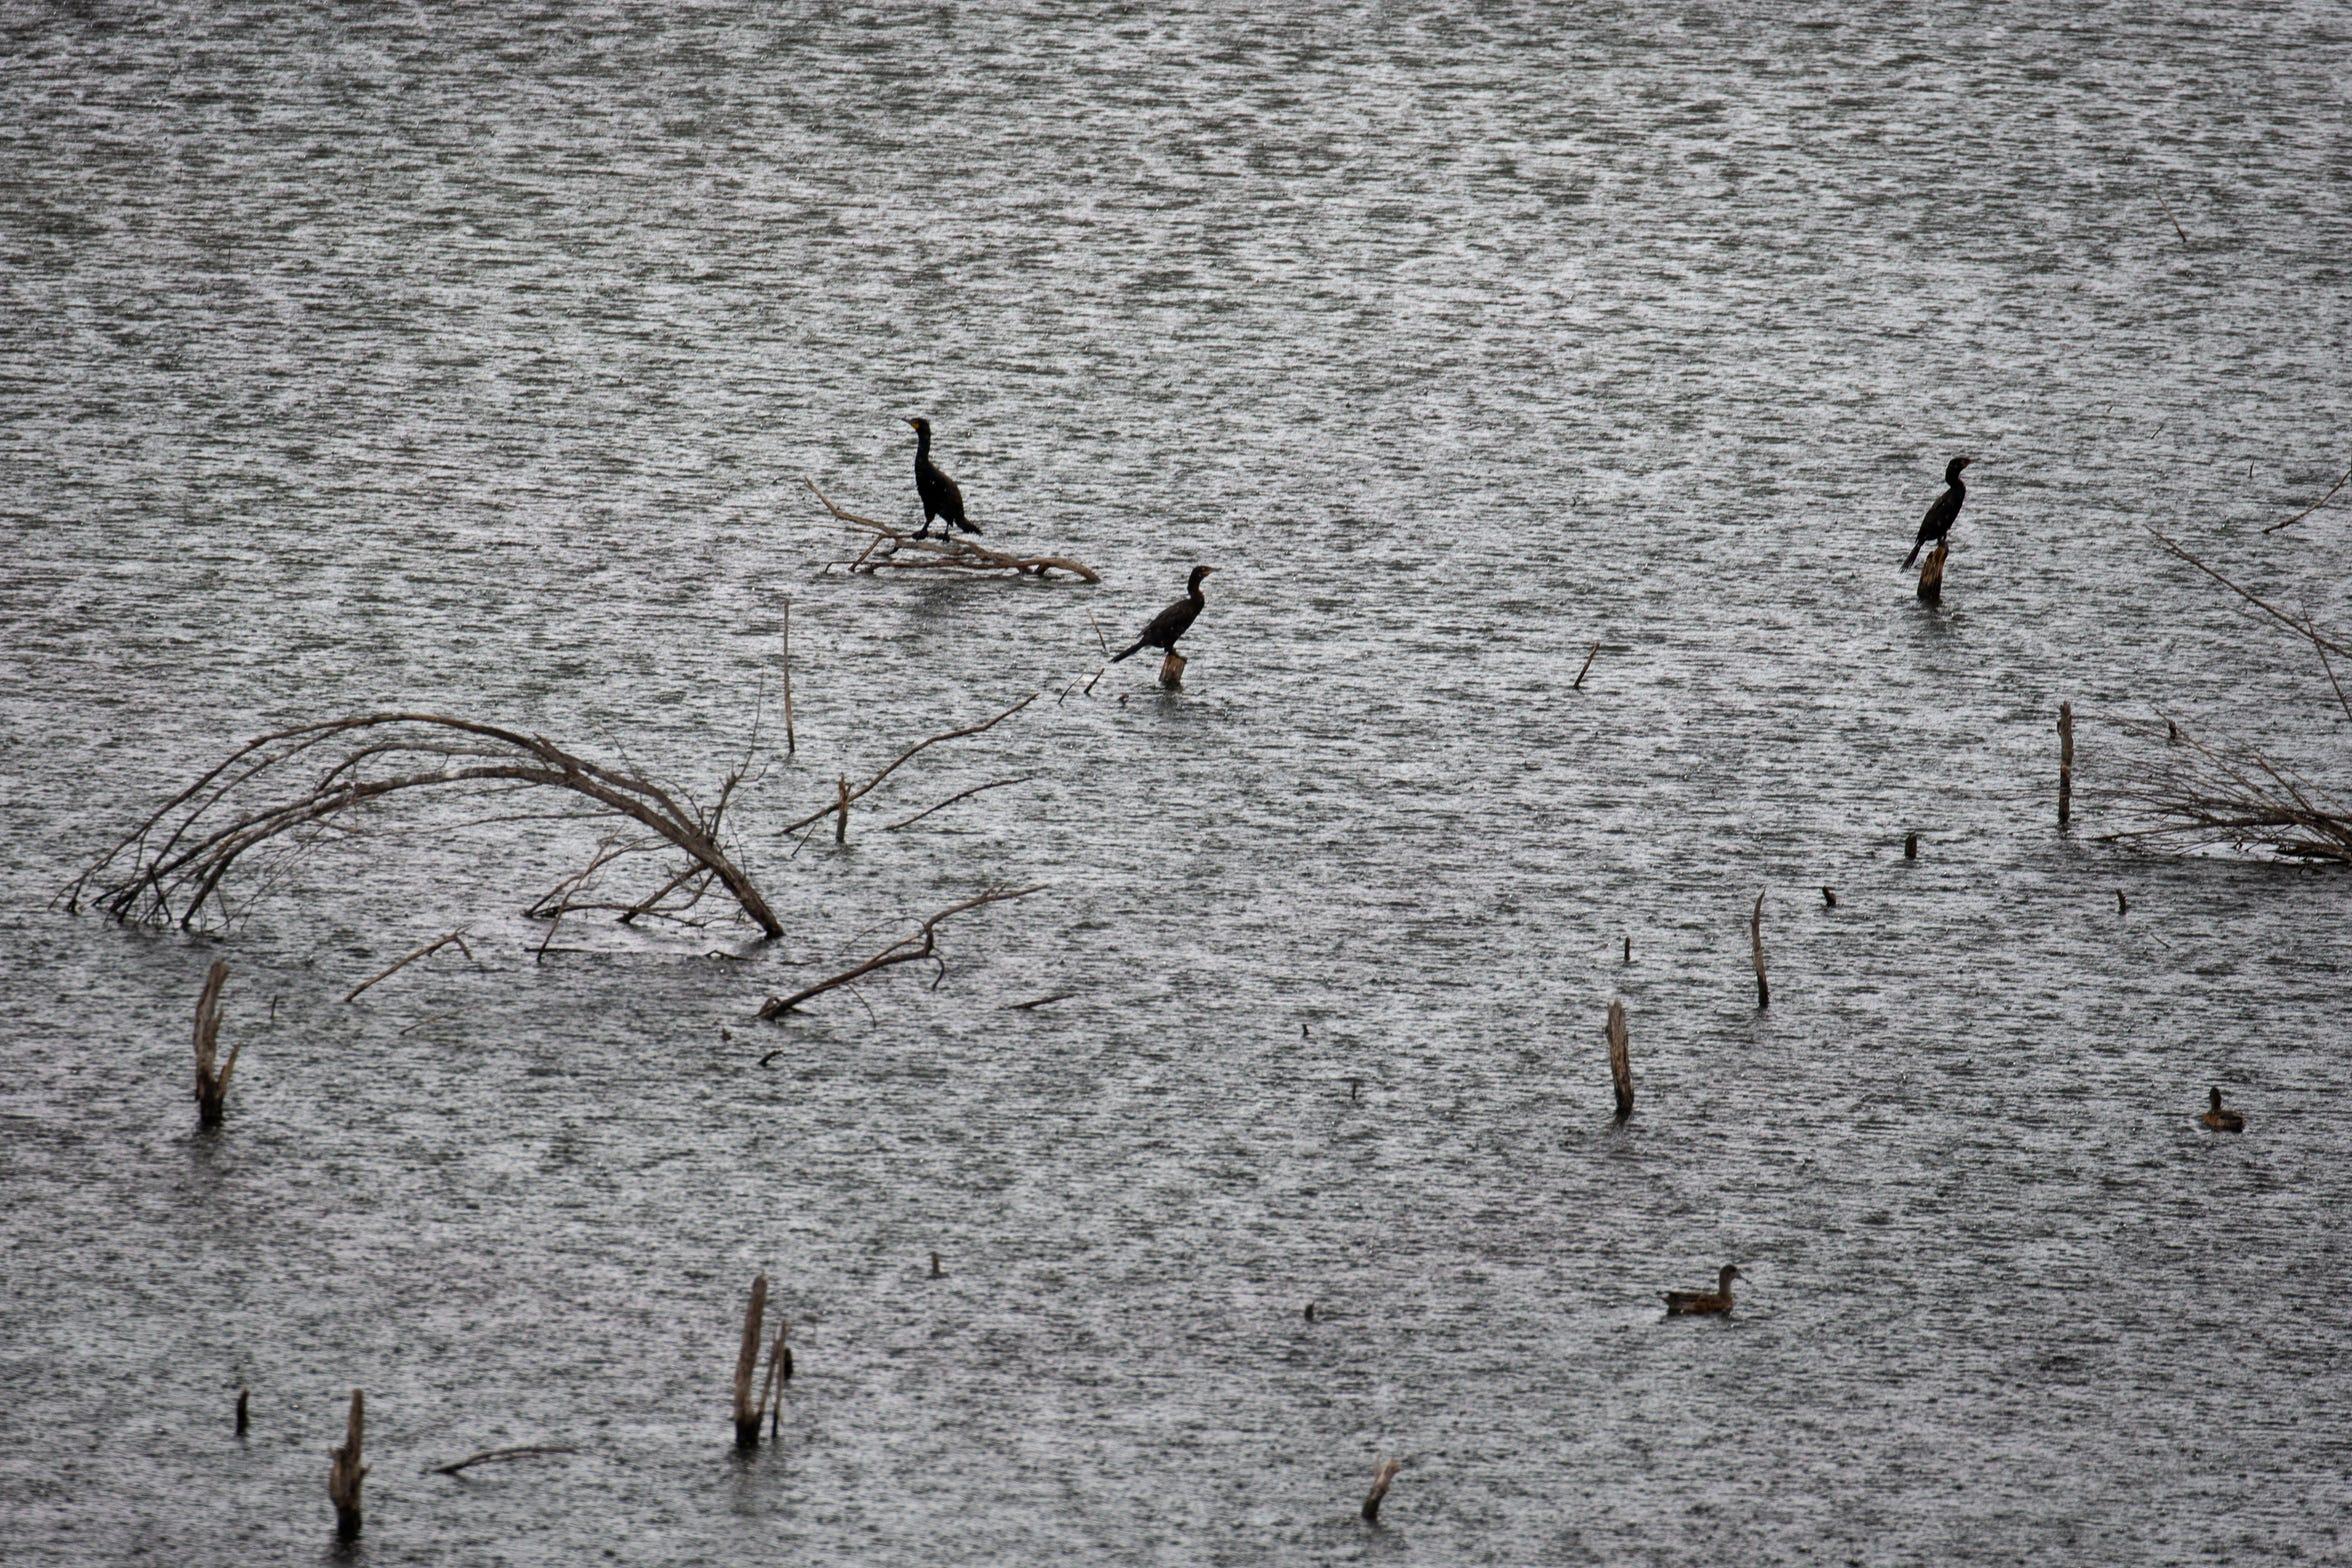 Los cormoranes posan en las ramas sumergidas en el Delta del Río Colorado cerca del área de restauración de Laguna Grande en Baja California, México.